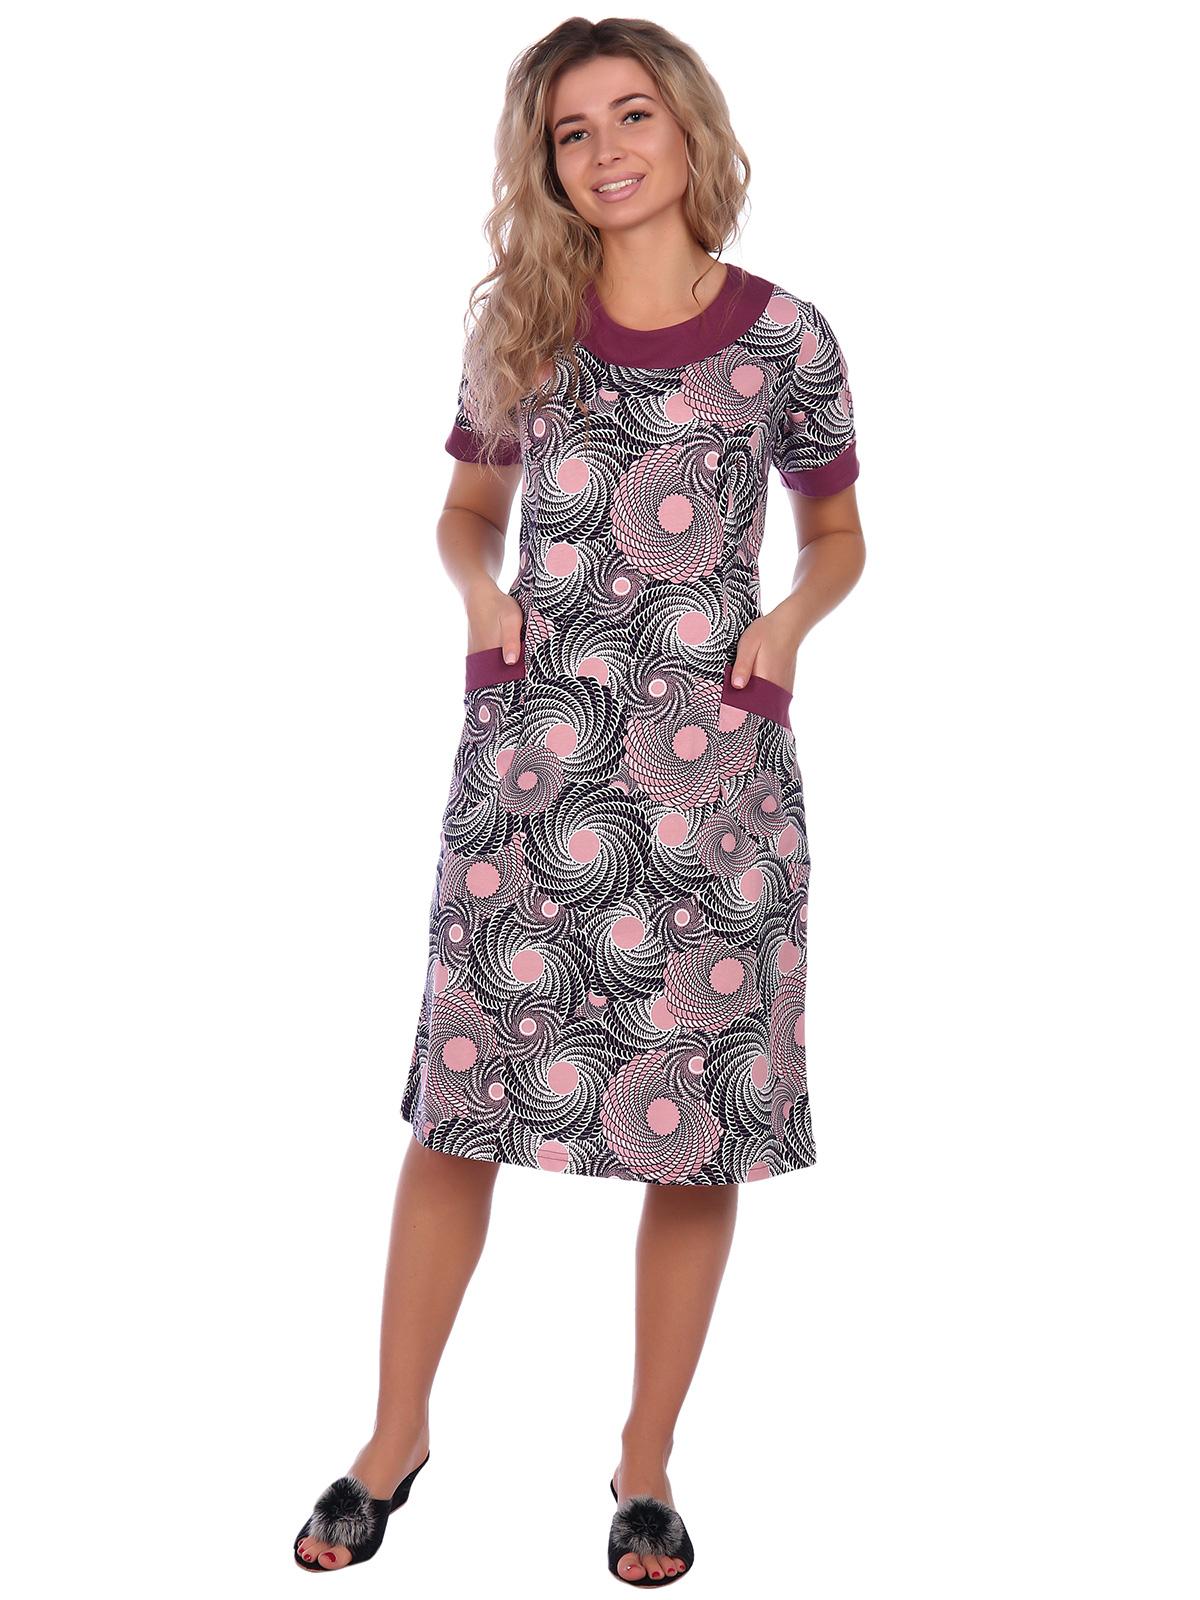 Жен. платье арт. 16-0667 Марсала р. 52 фото